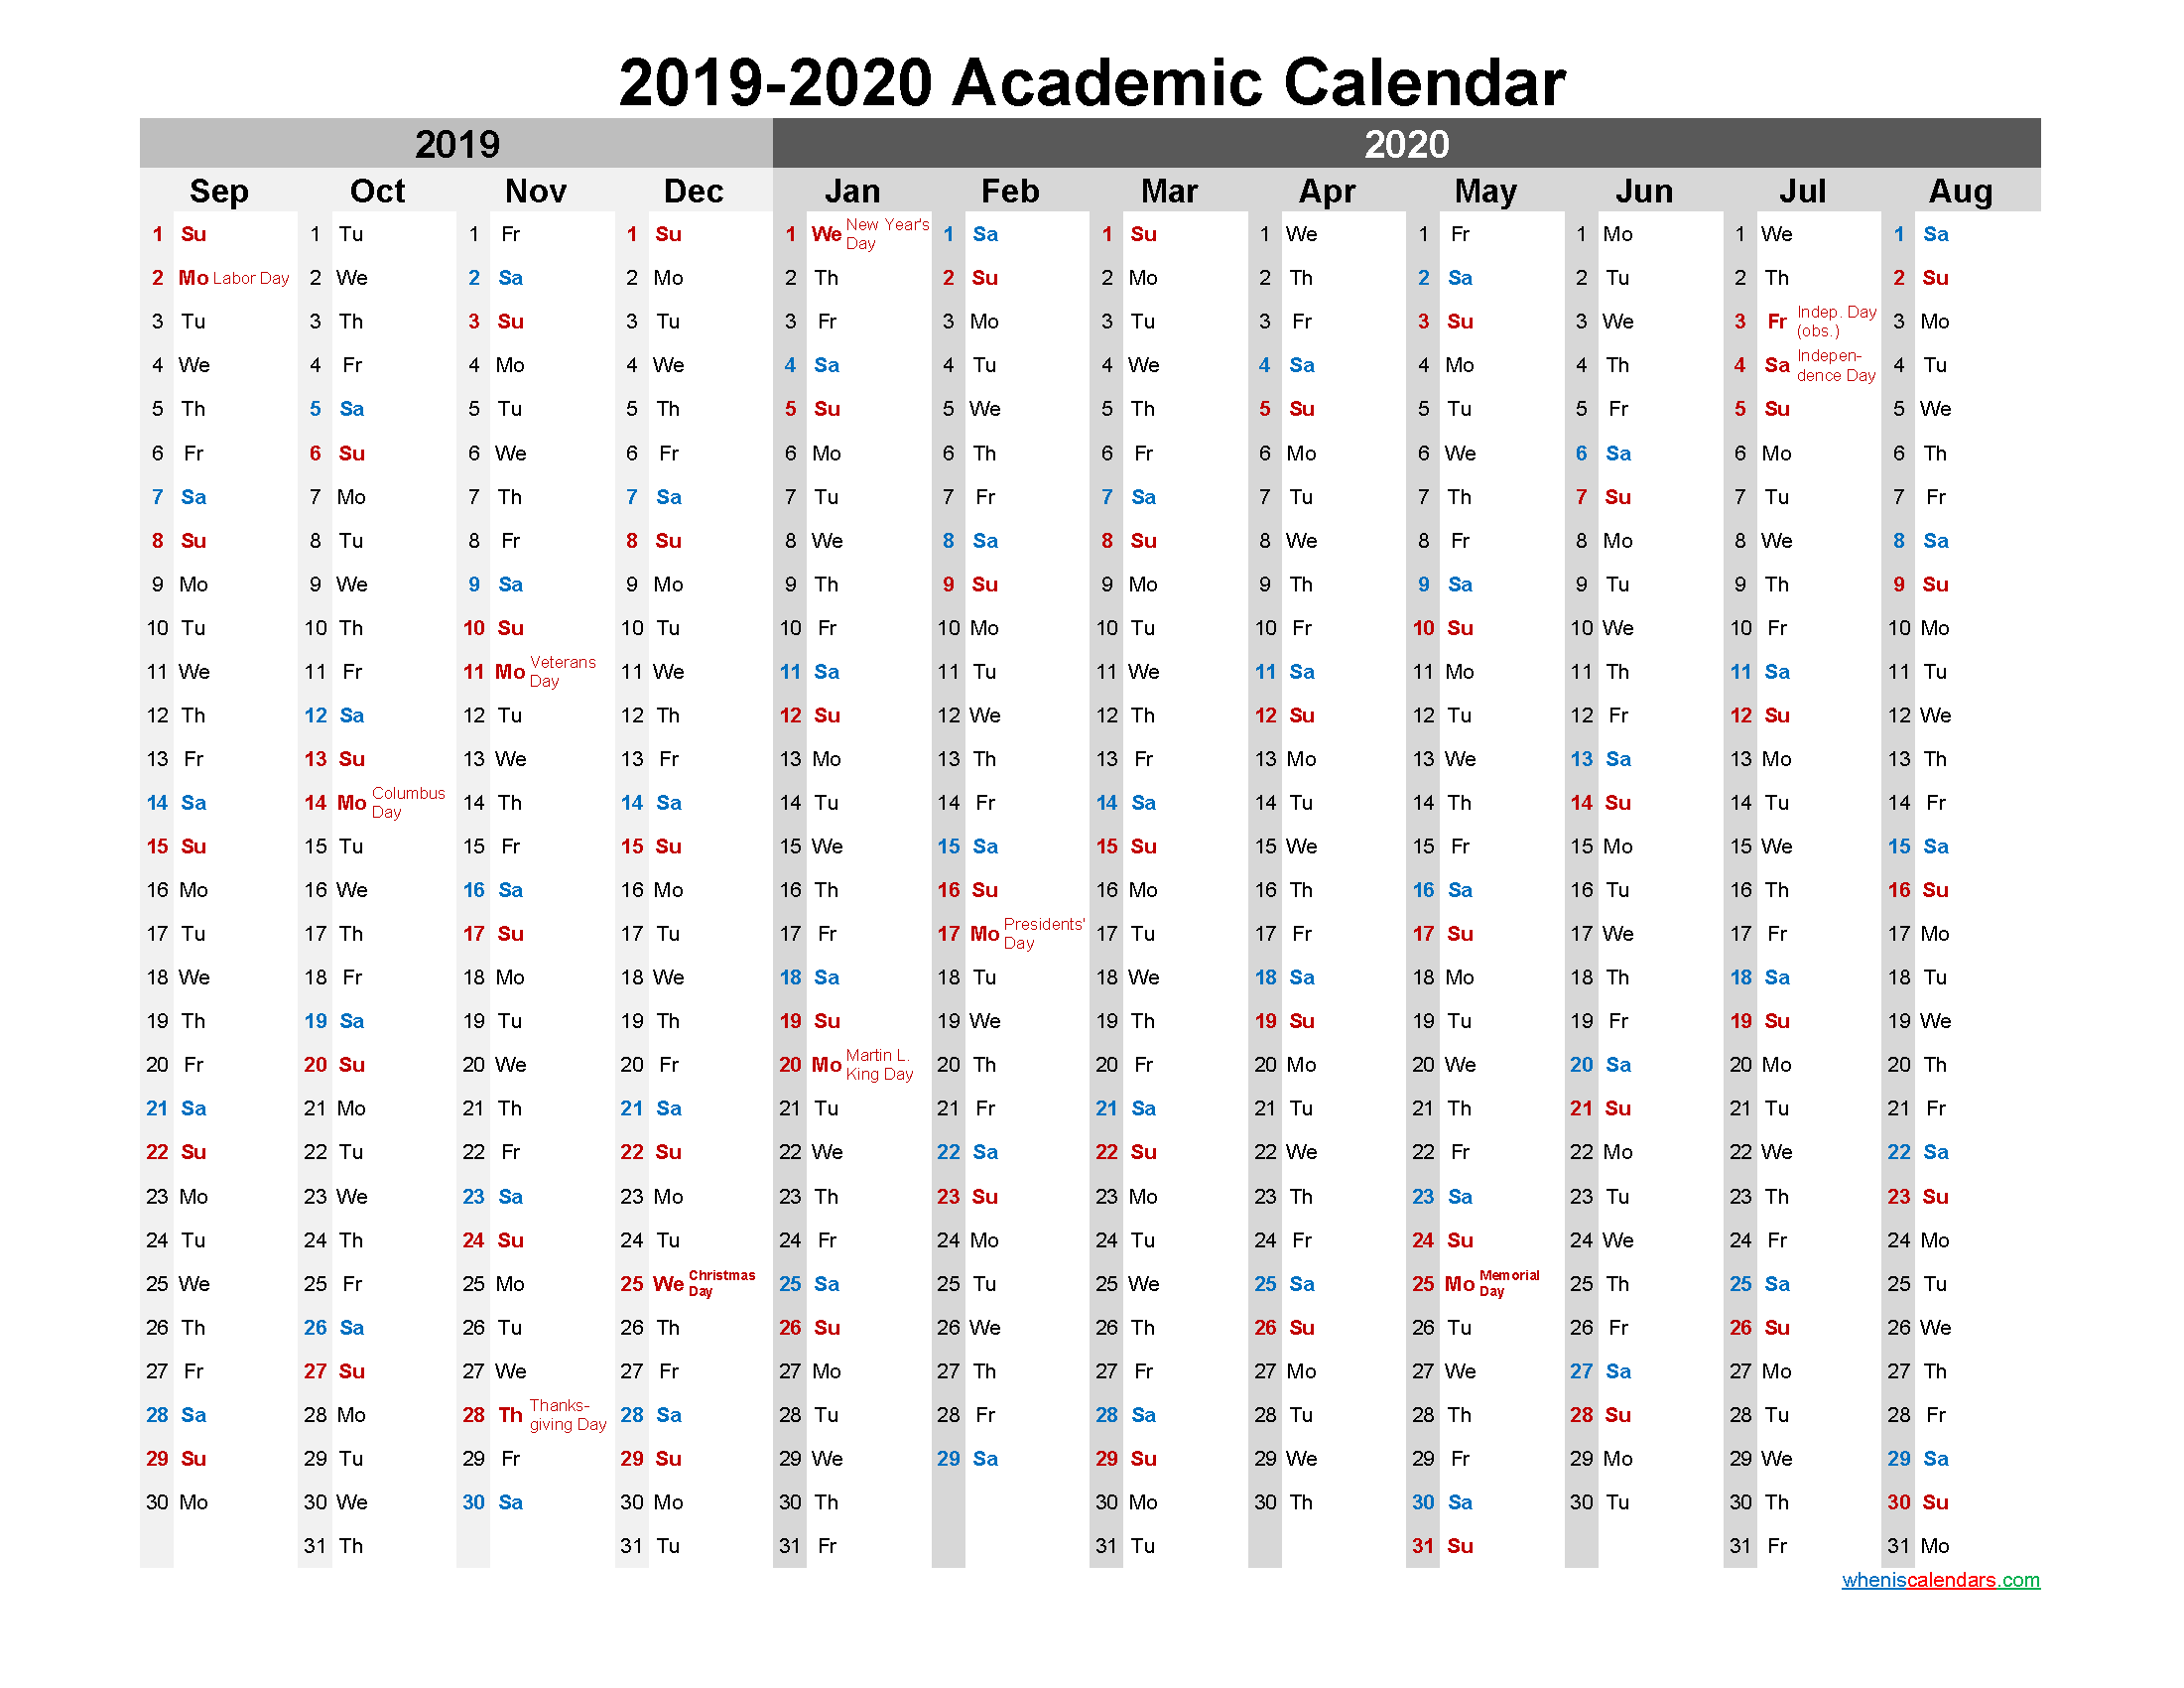 Academic Calendar 2019 and 2020 Printable